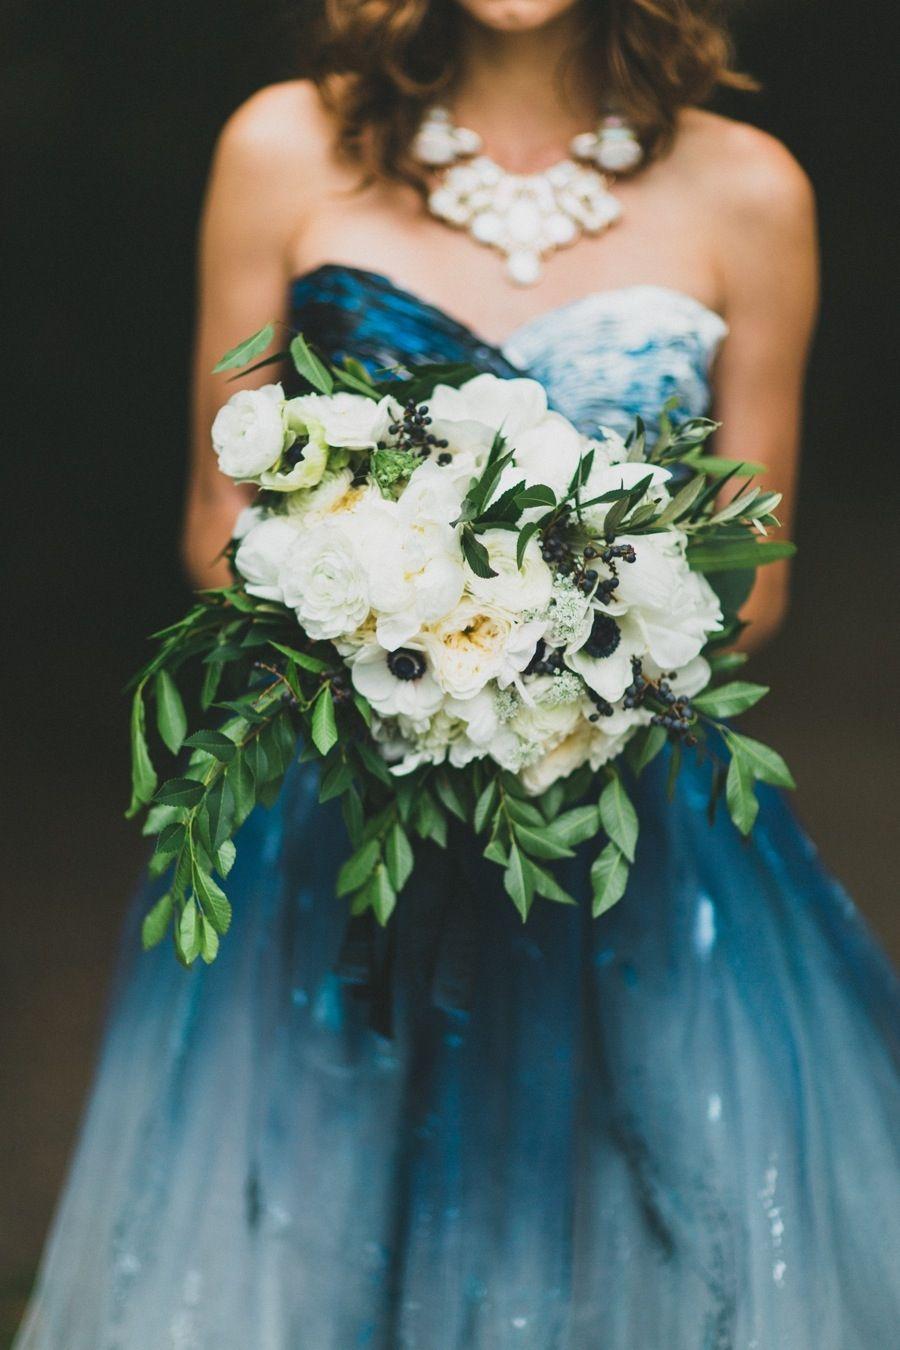 Blaues Kleid, weißer Strauß, perfekt | Studio Casterillo || repinned ...